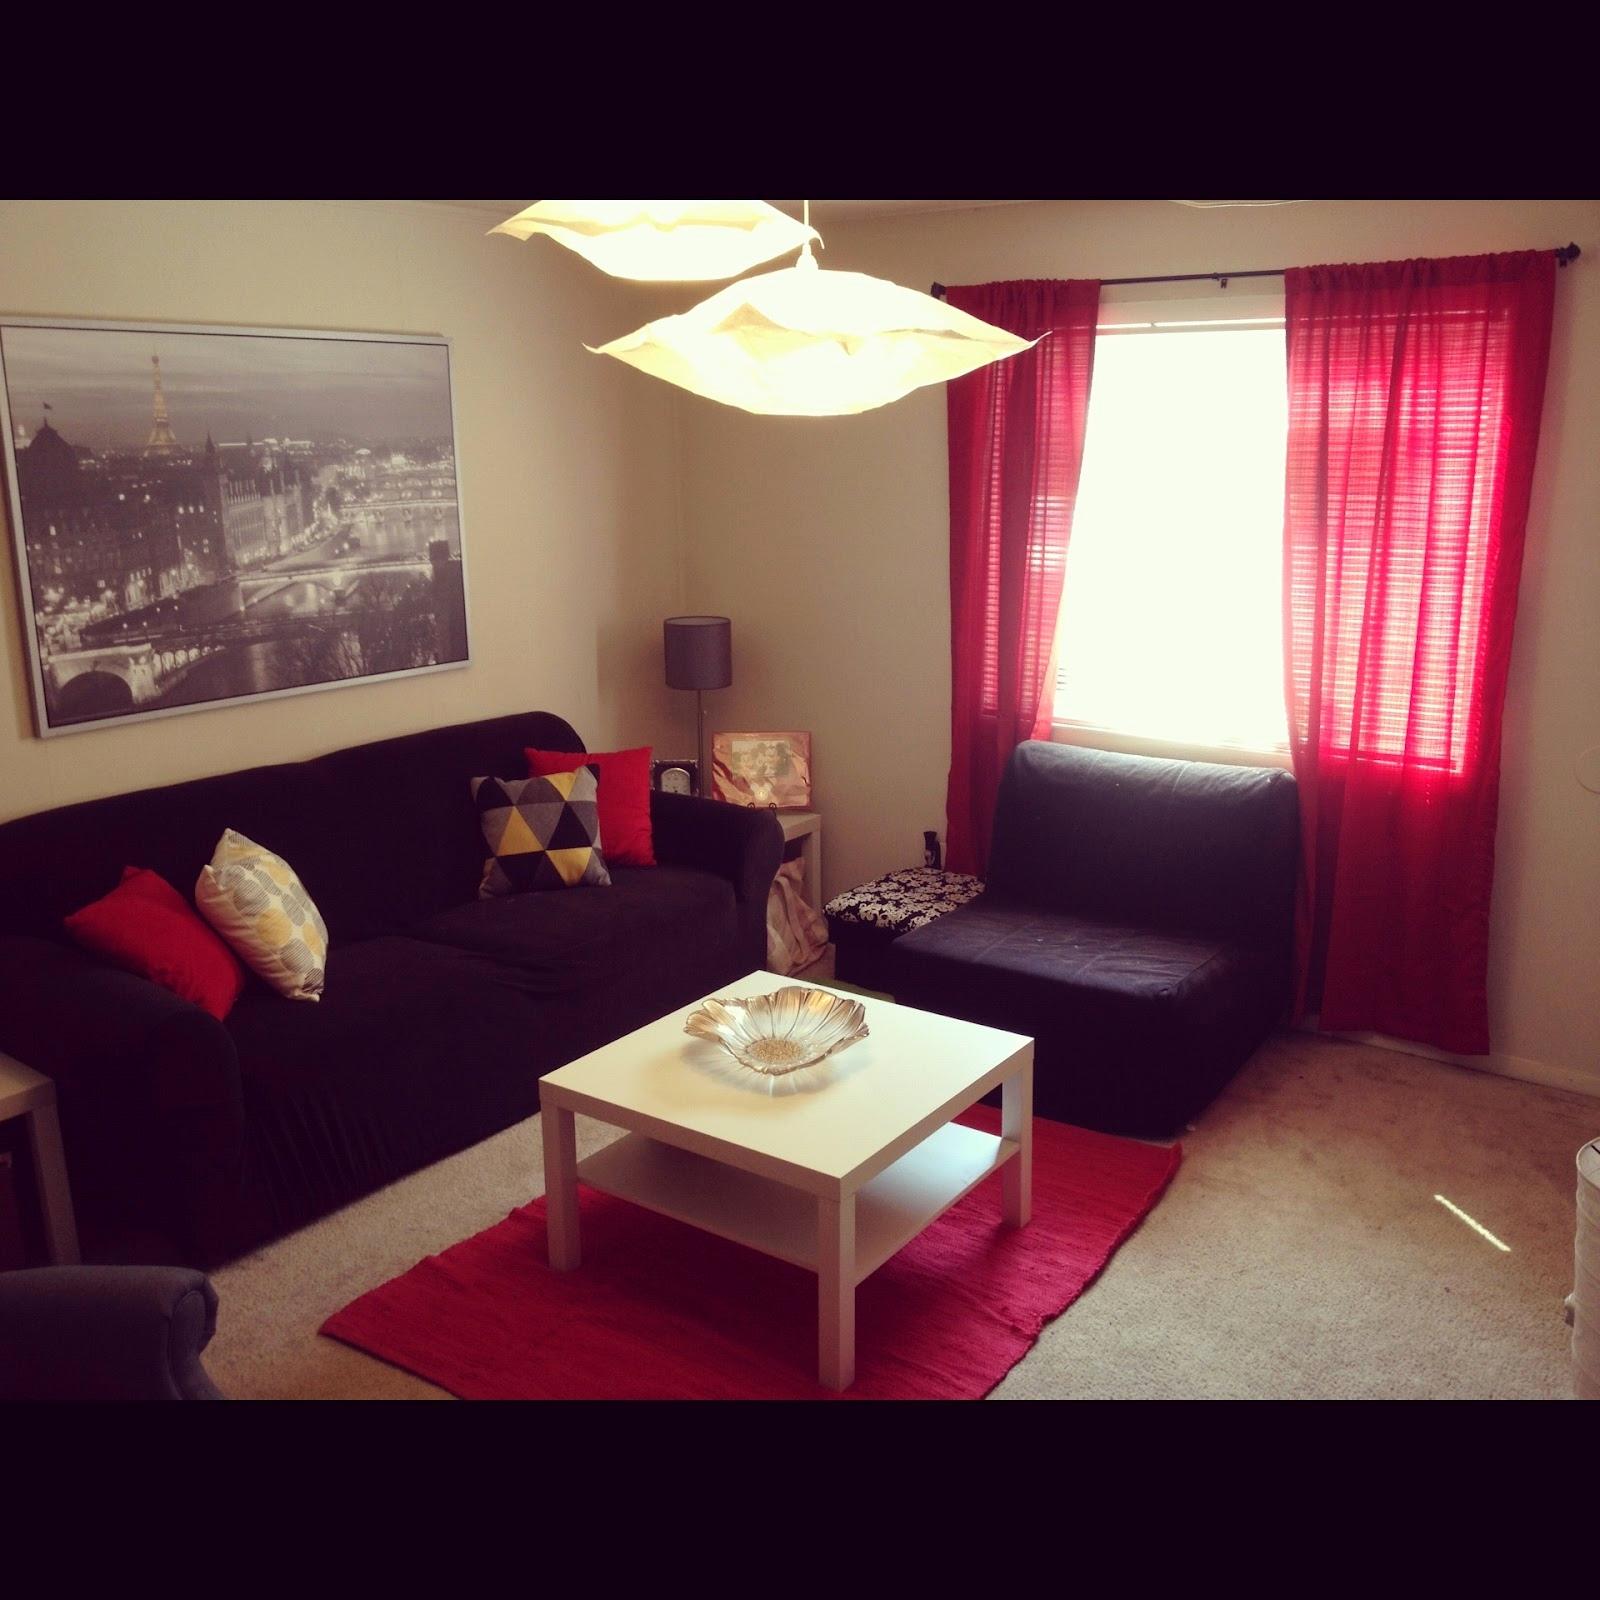 Armless living room, bulky chair